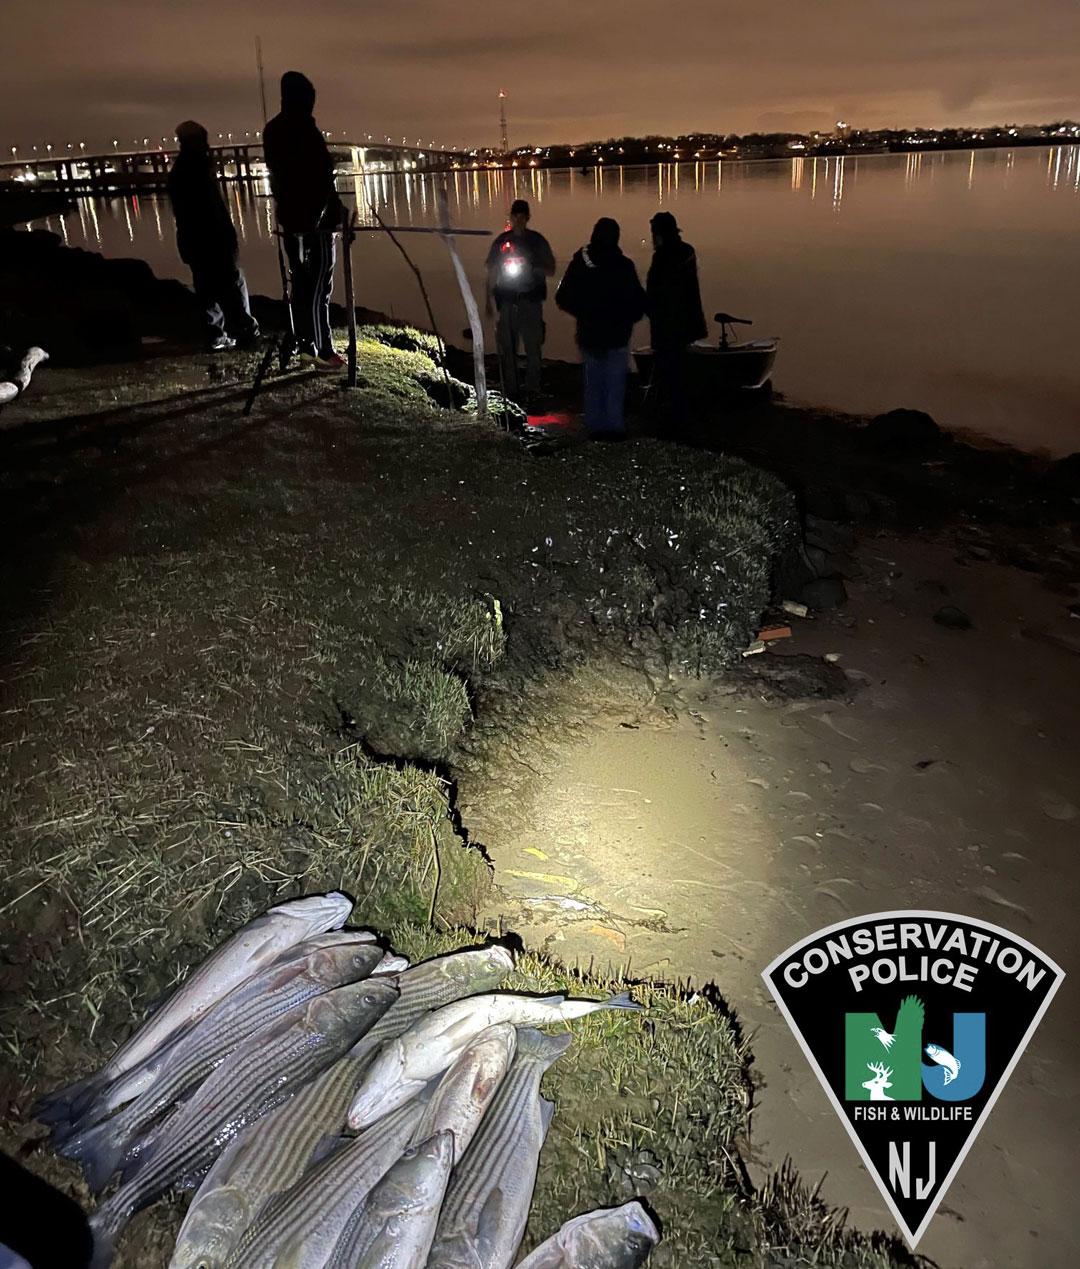 NJ Conservation Police striper bust